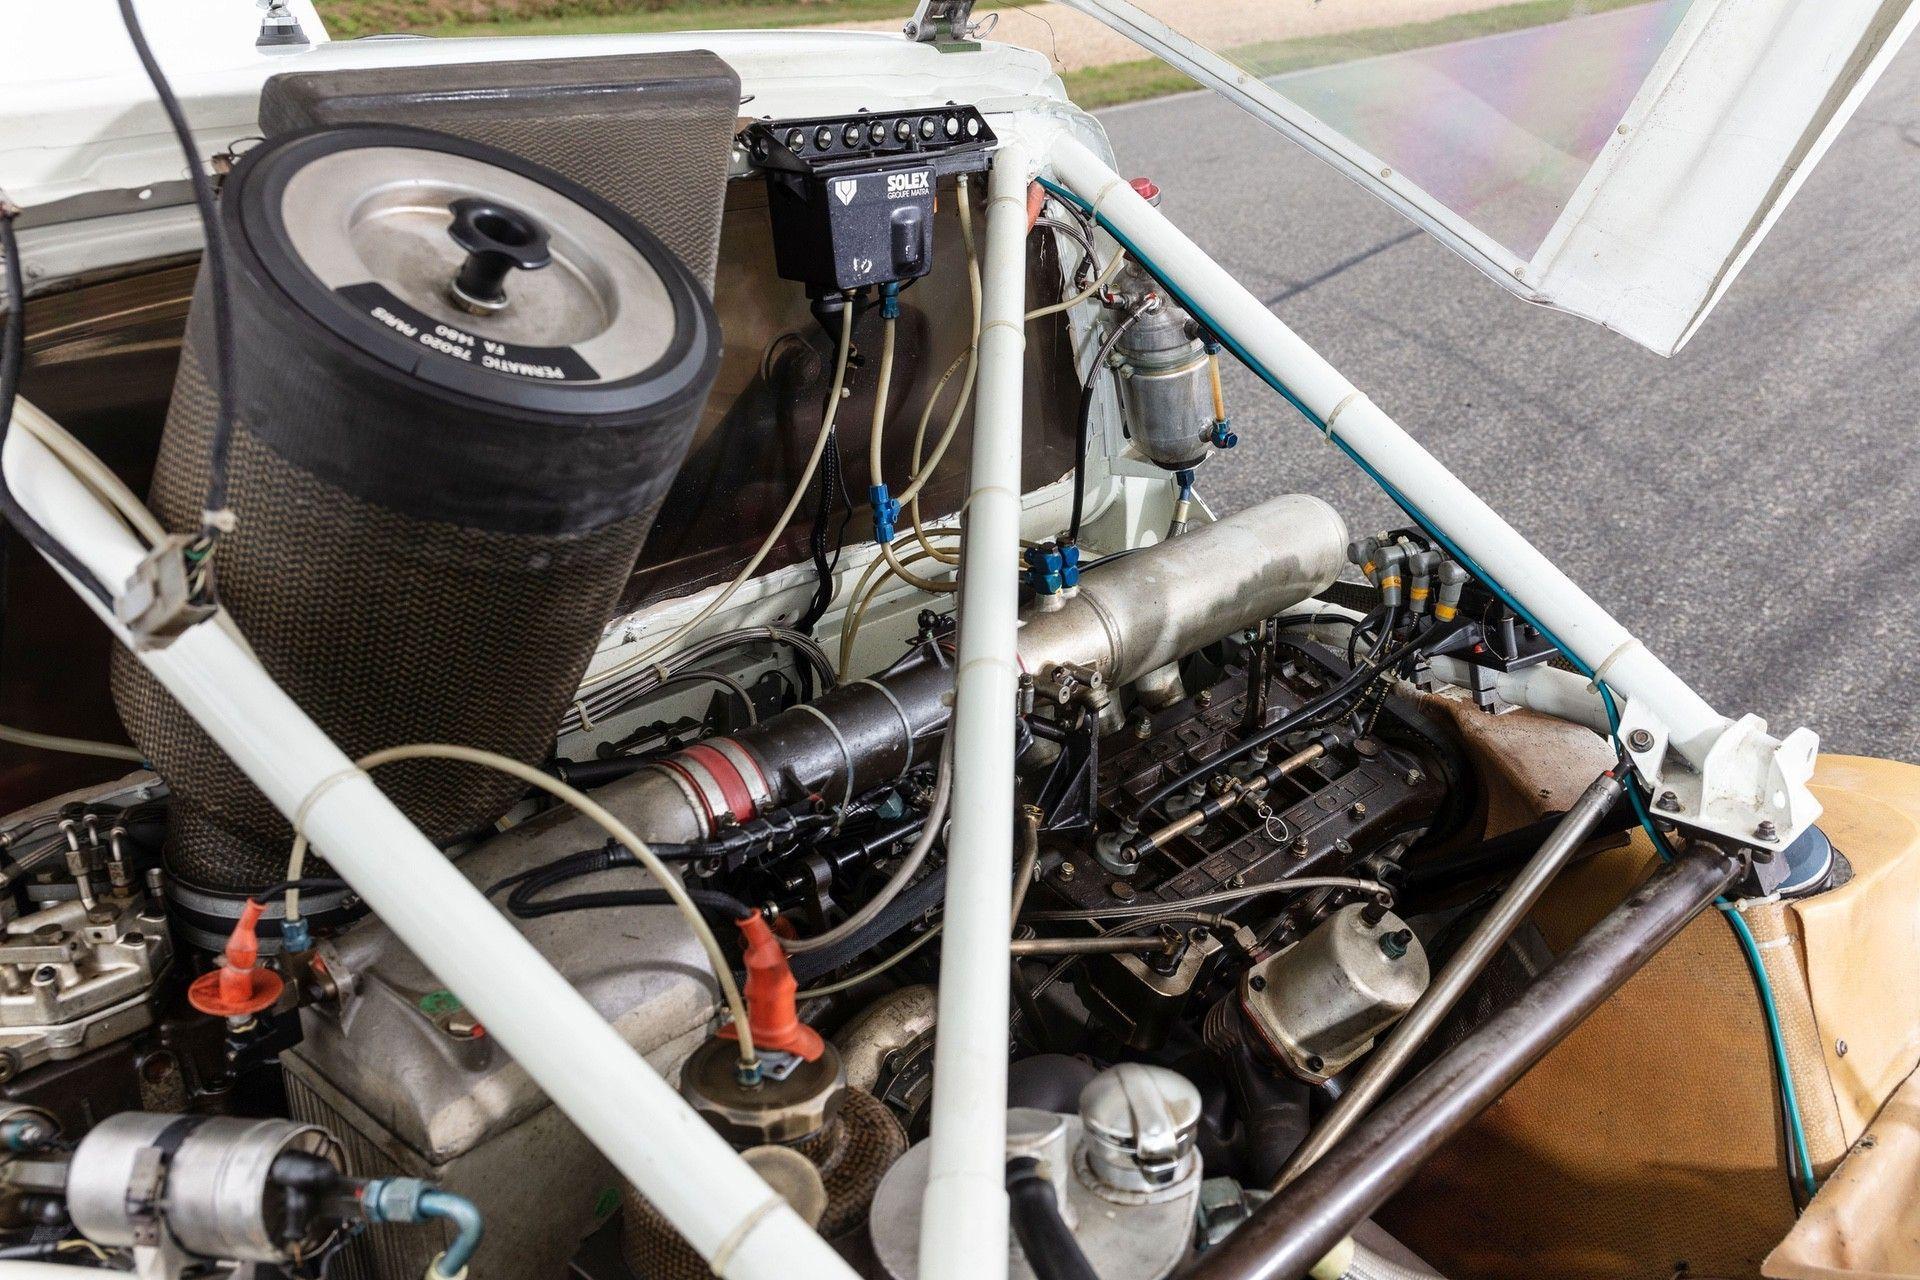 1985_Peugeot_205_Turbo_16_Evolution_2_sale-0038